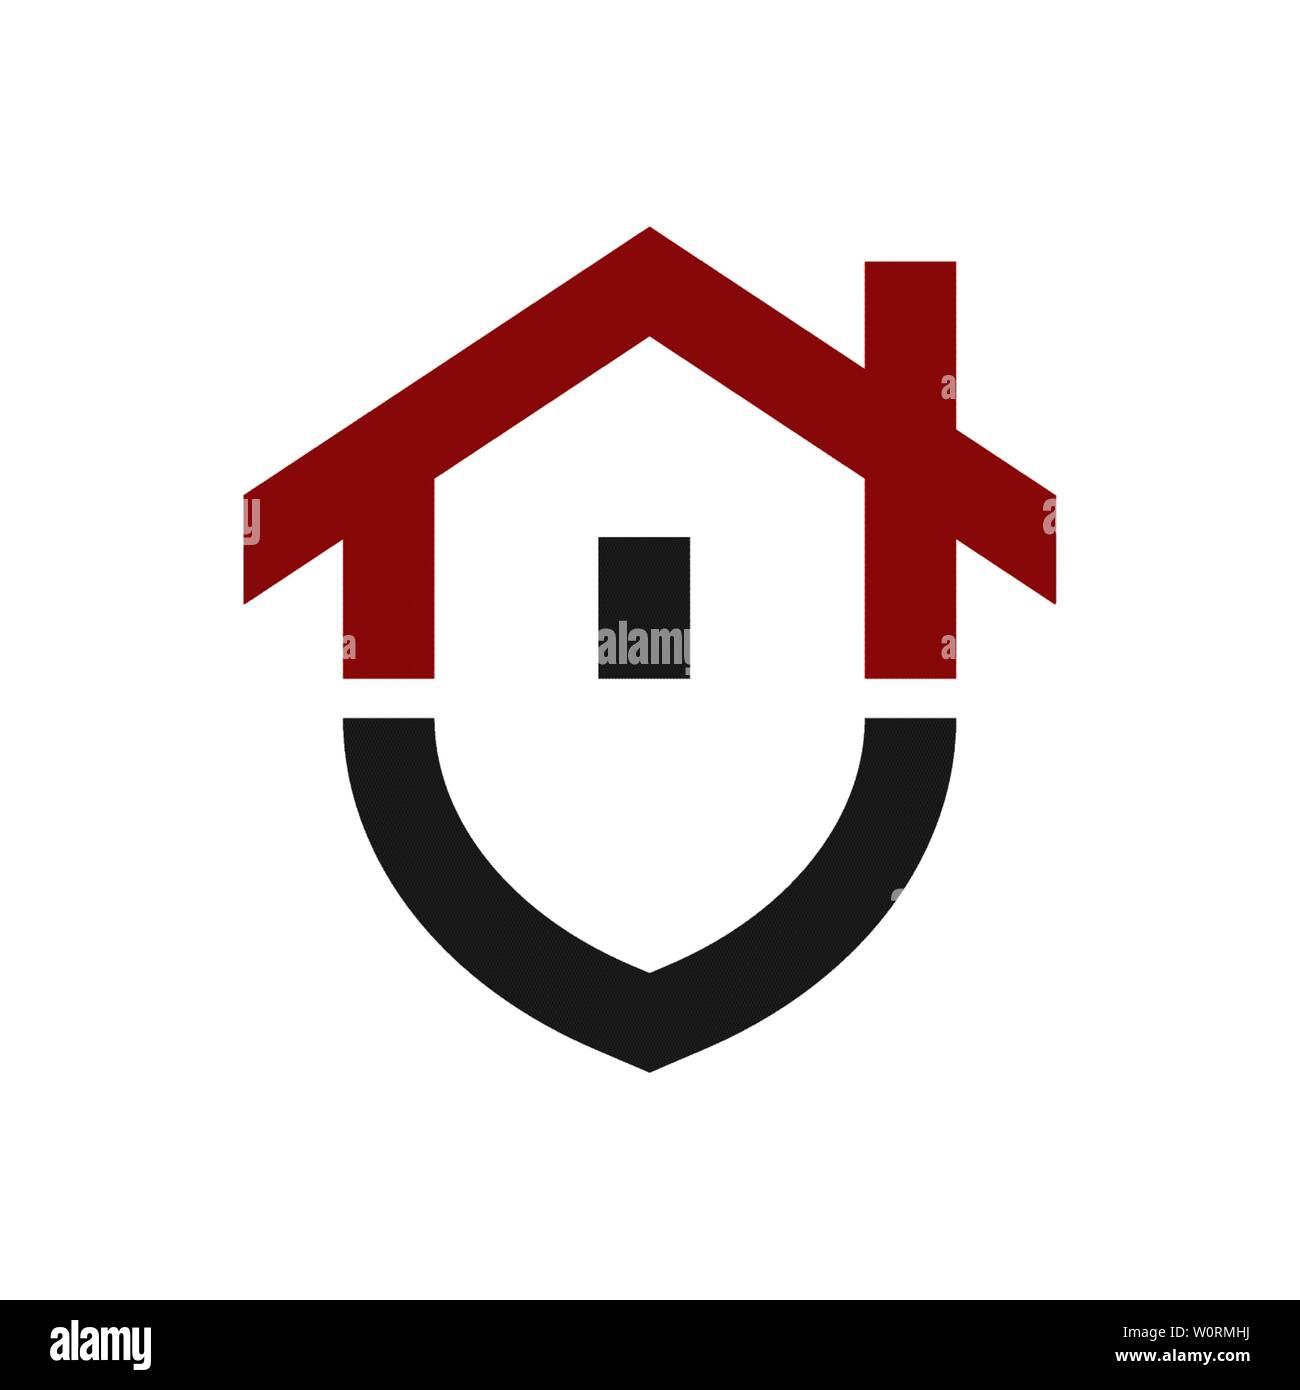 Home protection logo design modèle. Bouclier vecteur illustration logotype et de la chambre. Accueil graphique icône de sécurité label. Bâtiment moderne, symbole de l'alarme Illustration de Vecteur